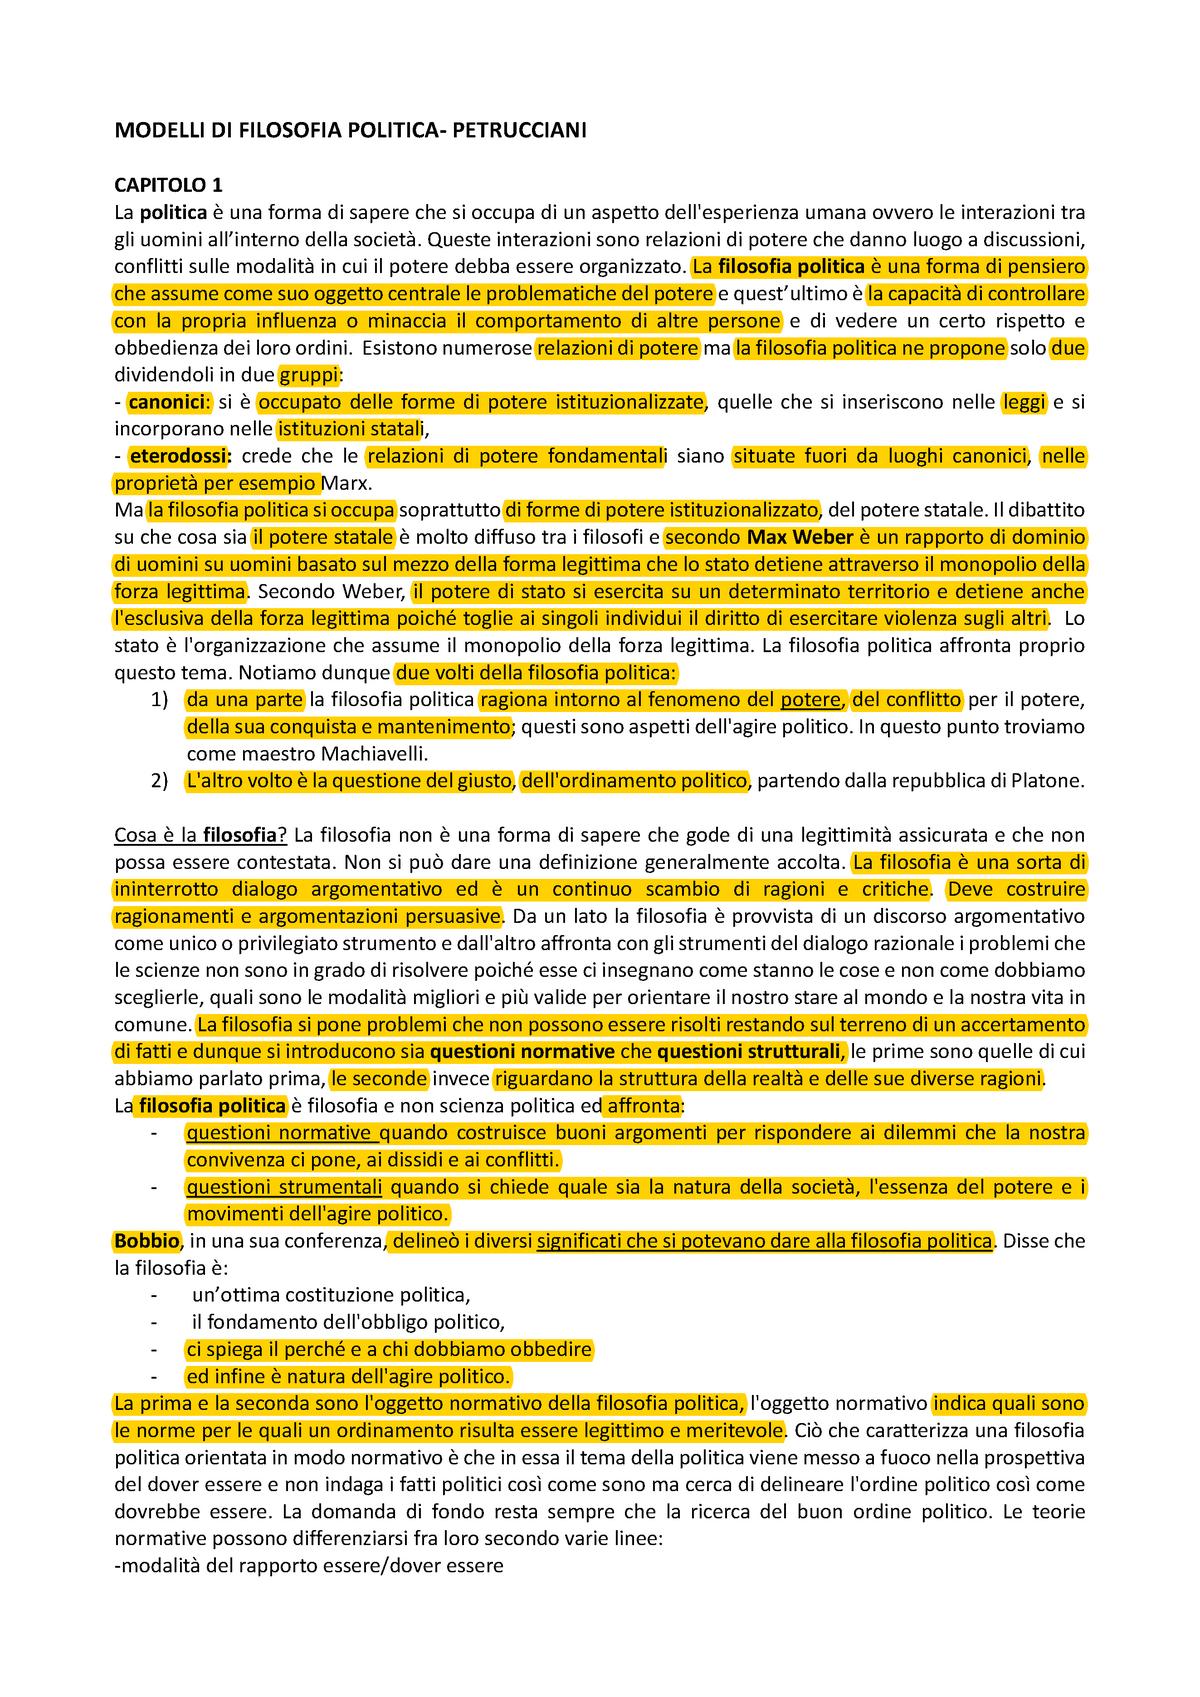 Riassunto Petrucciani - Filosofia politica 1017463 - StuDocu